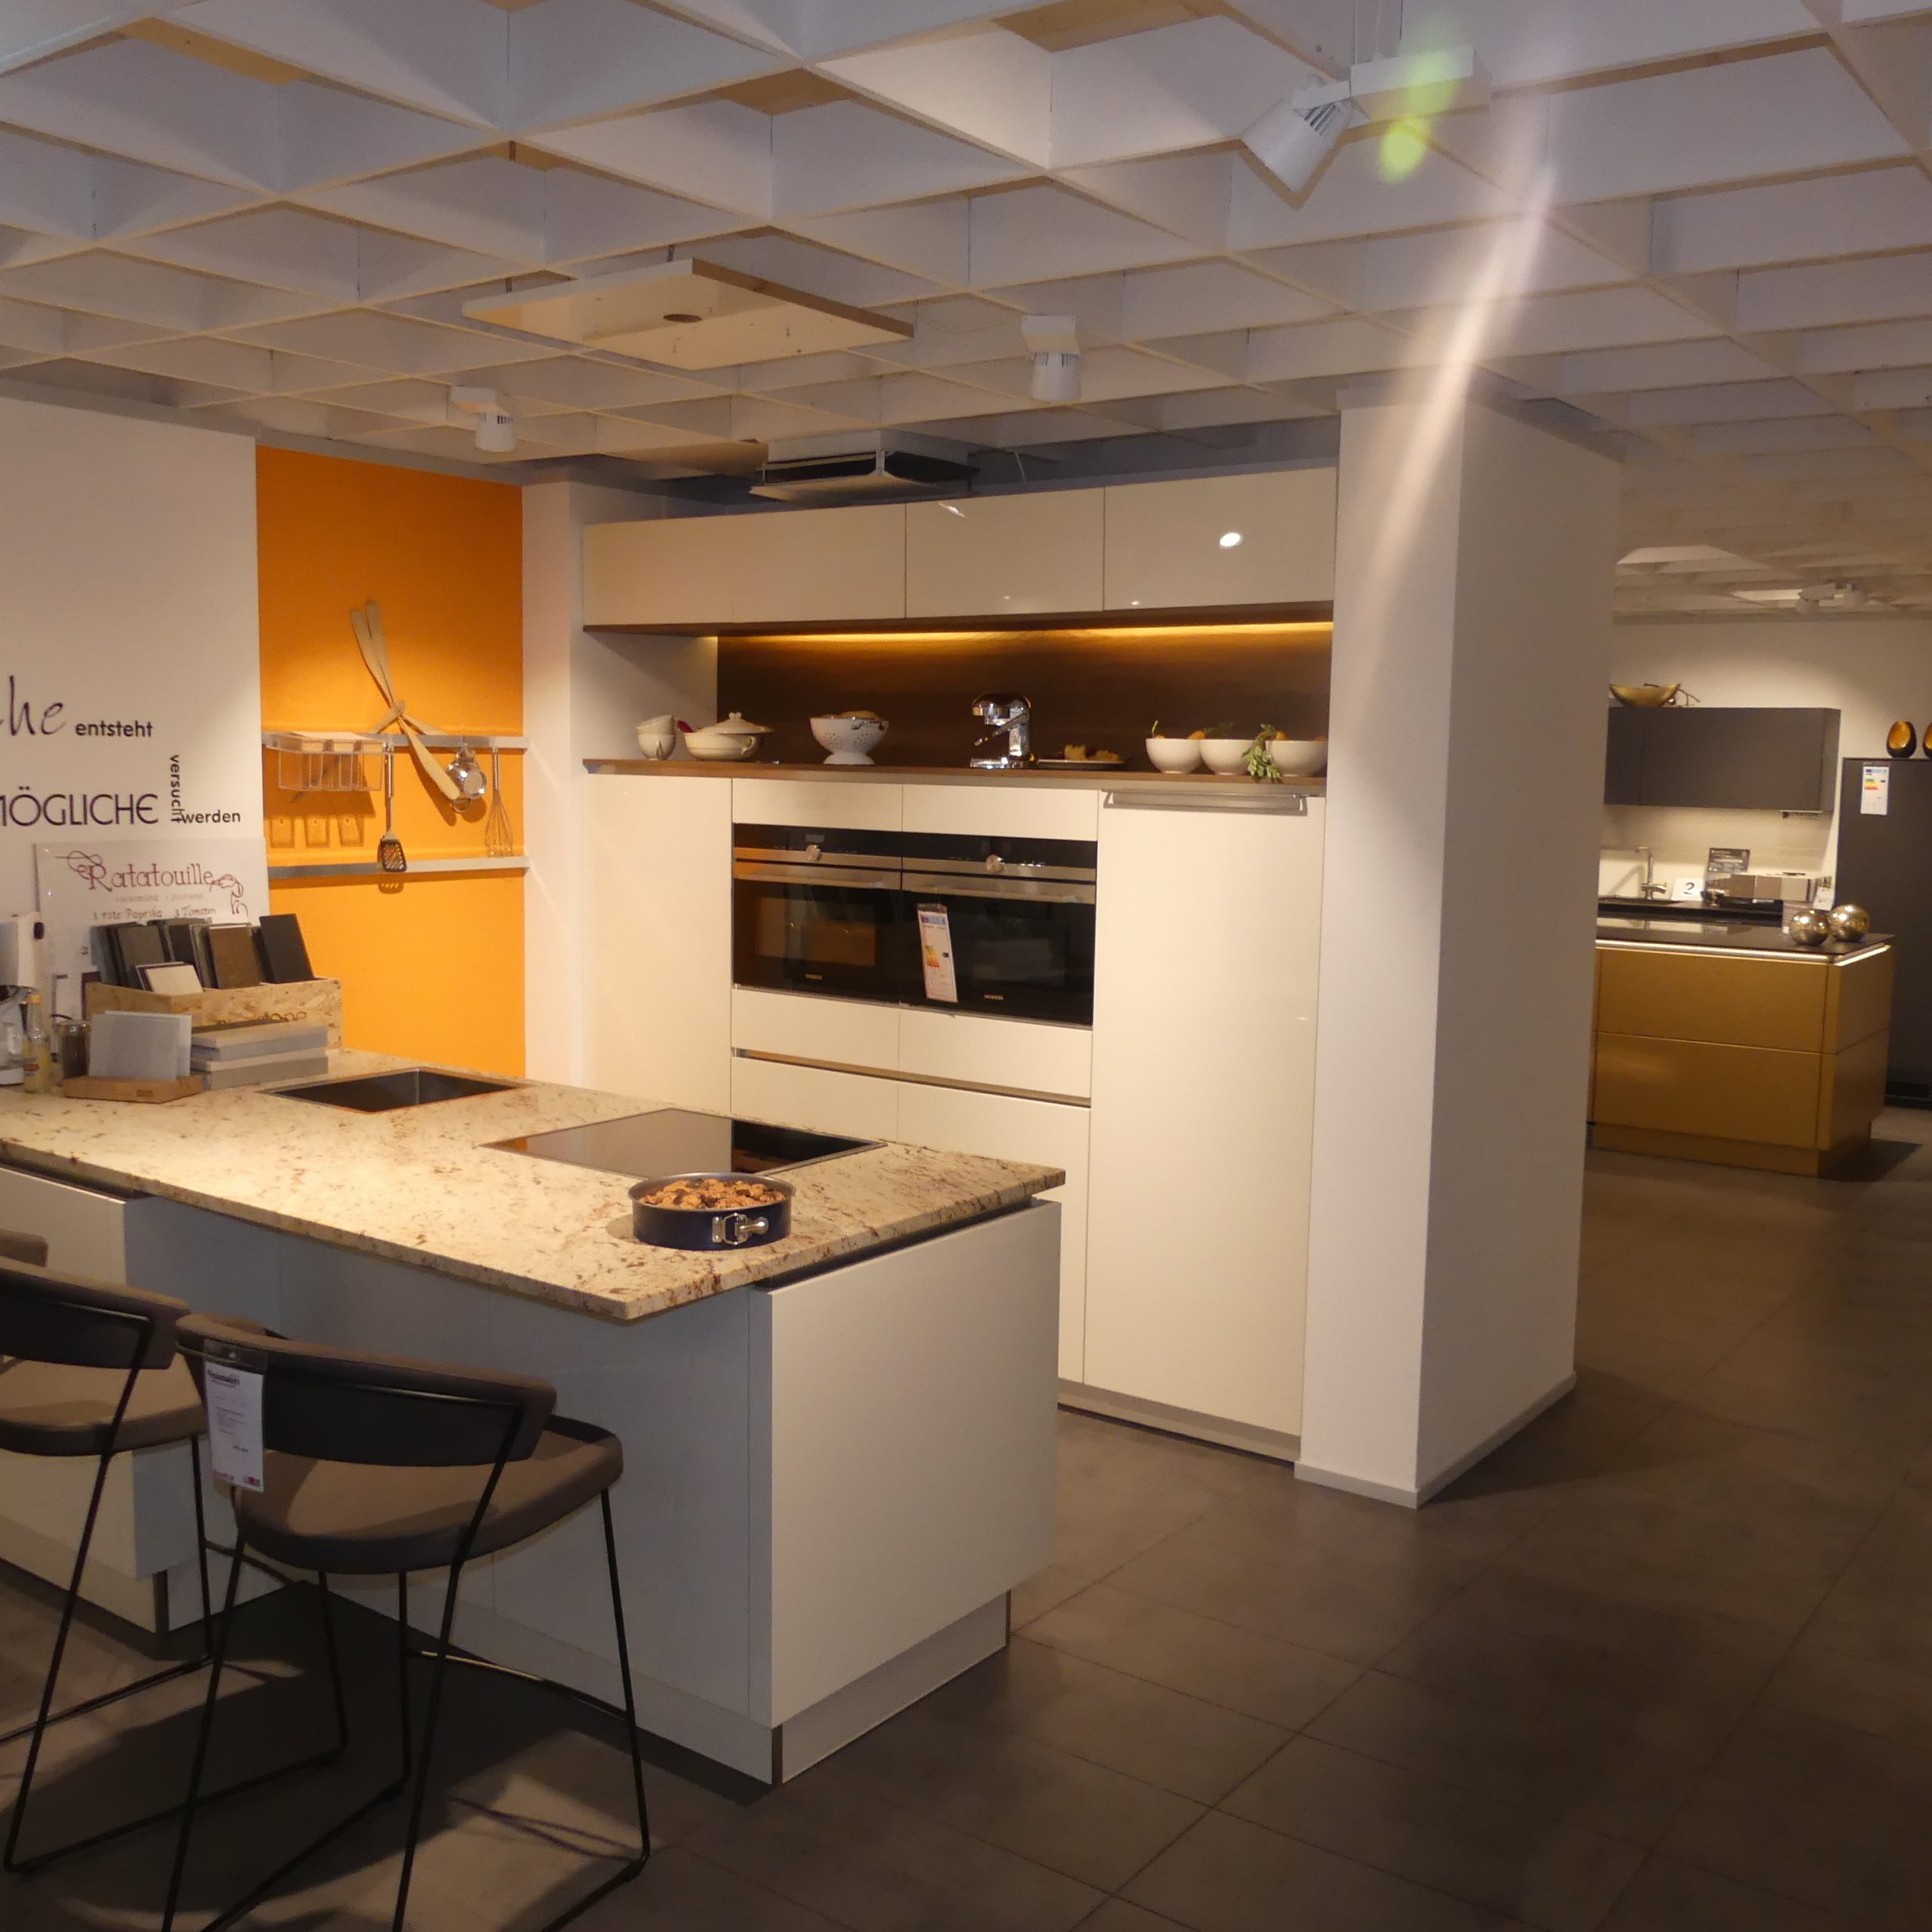 Full Size of Ausstellungsküche Berlin Ausstellungsküche Weiss Ausstellungsküchen Inselküche Ausstellungsküche Passau Küche Ausstellungsküche